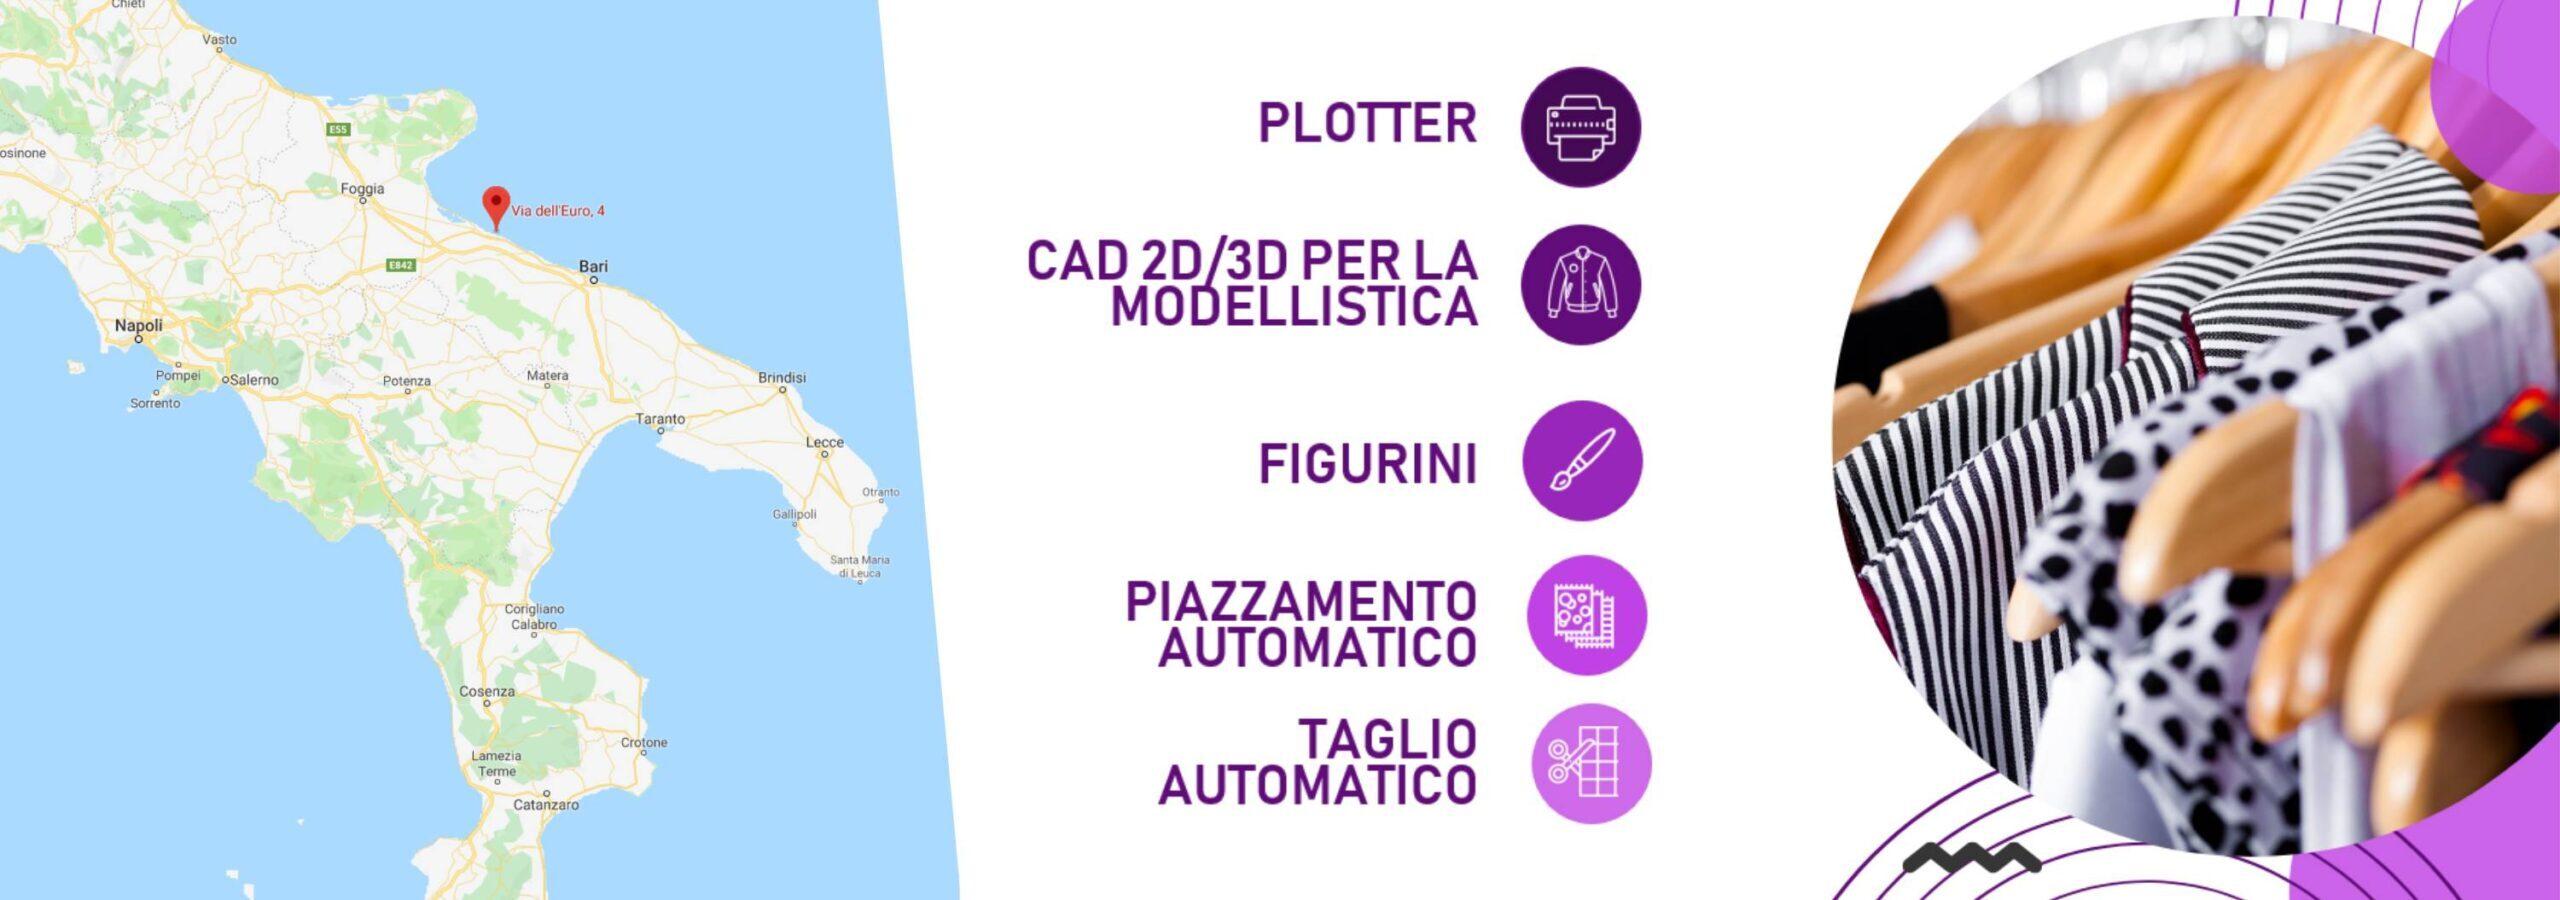 modellistica puglia CAD